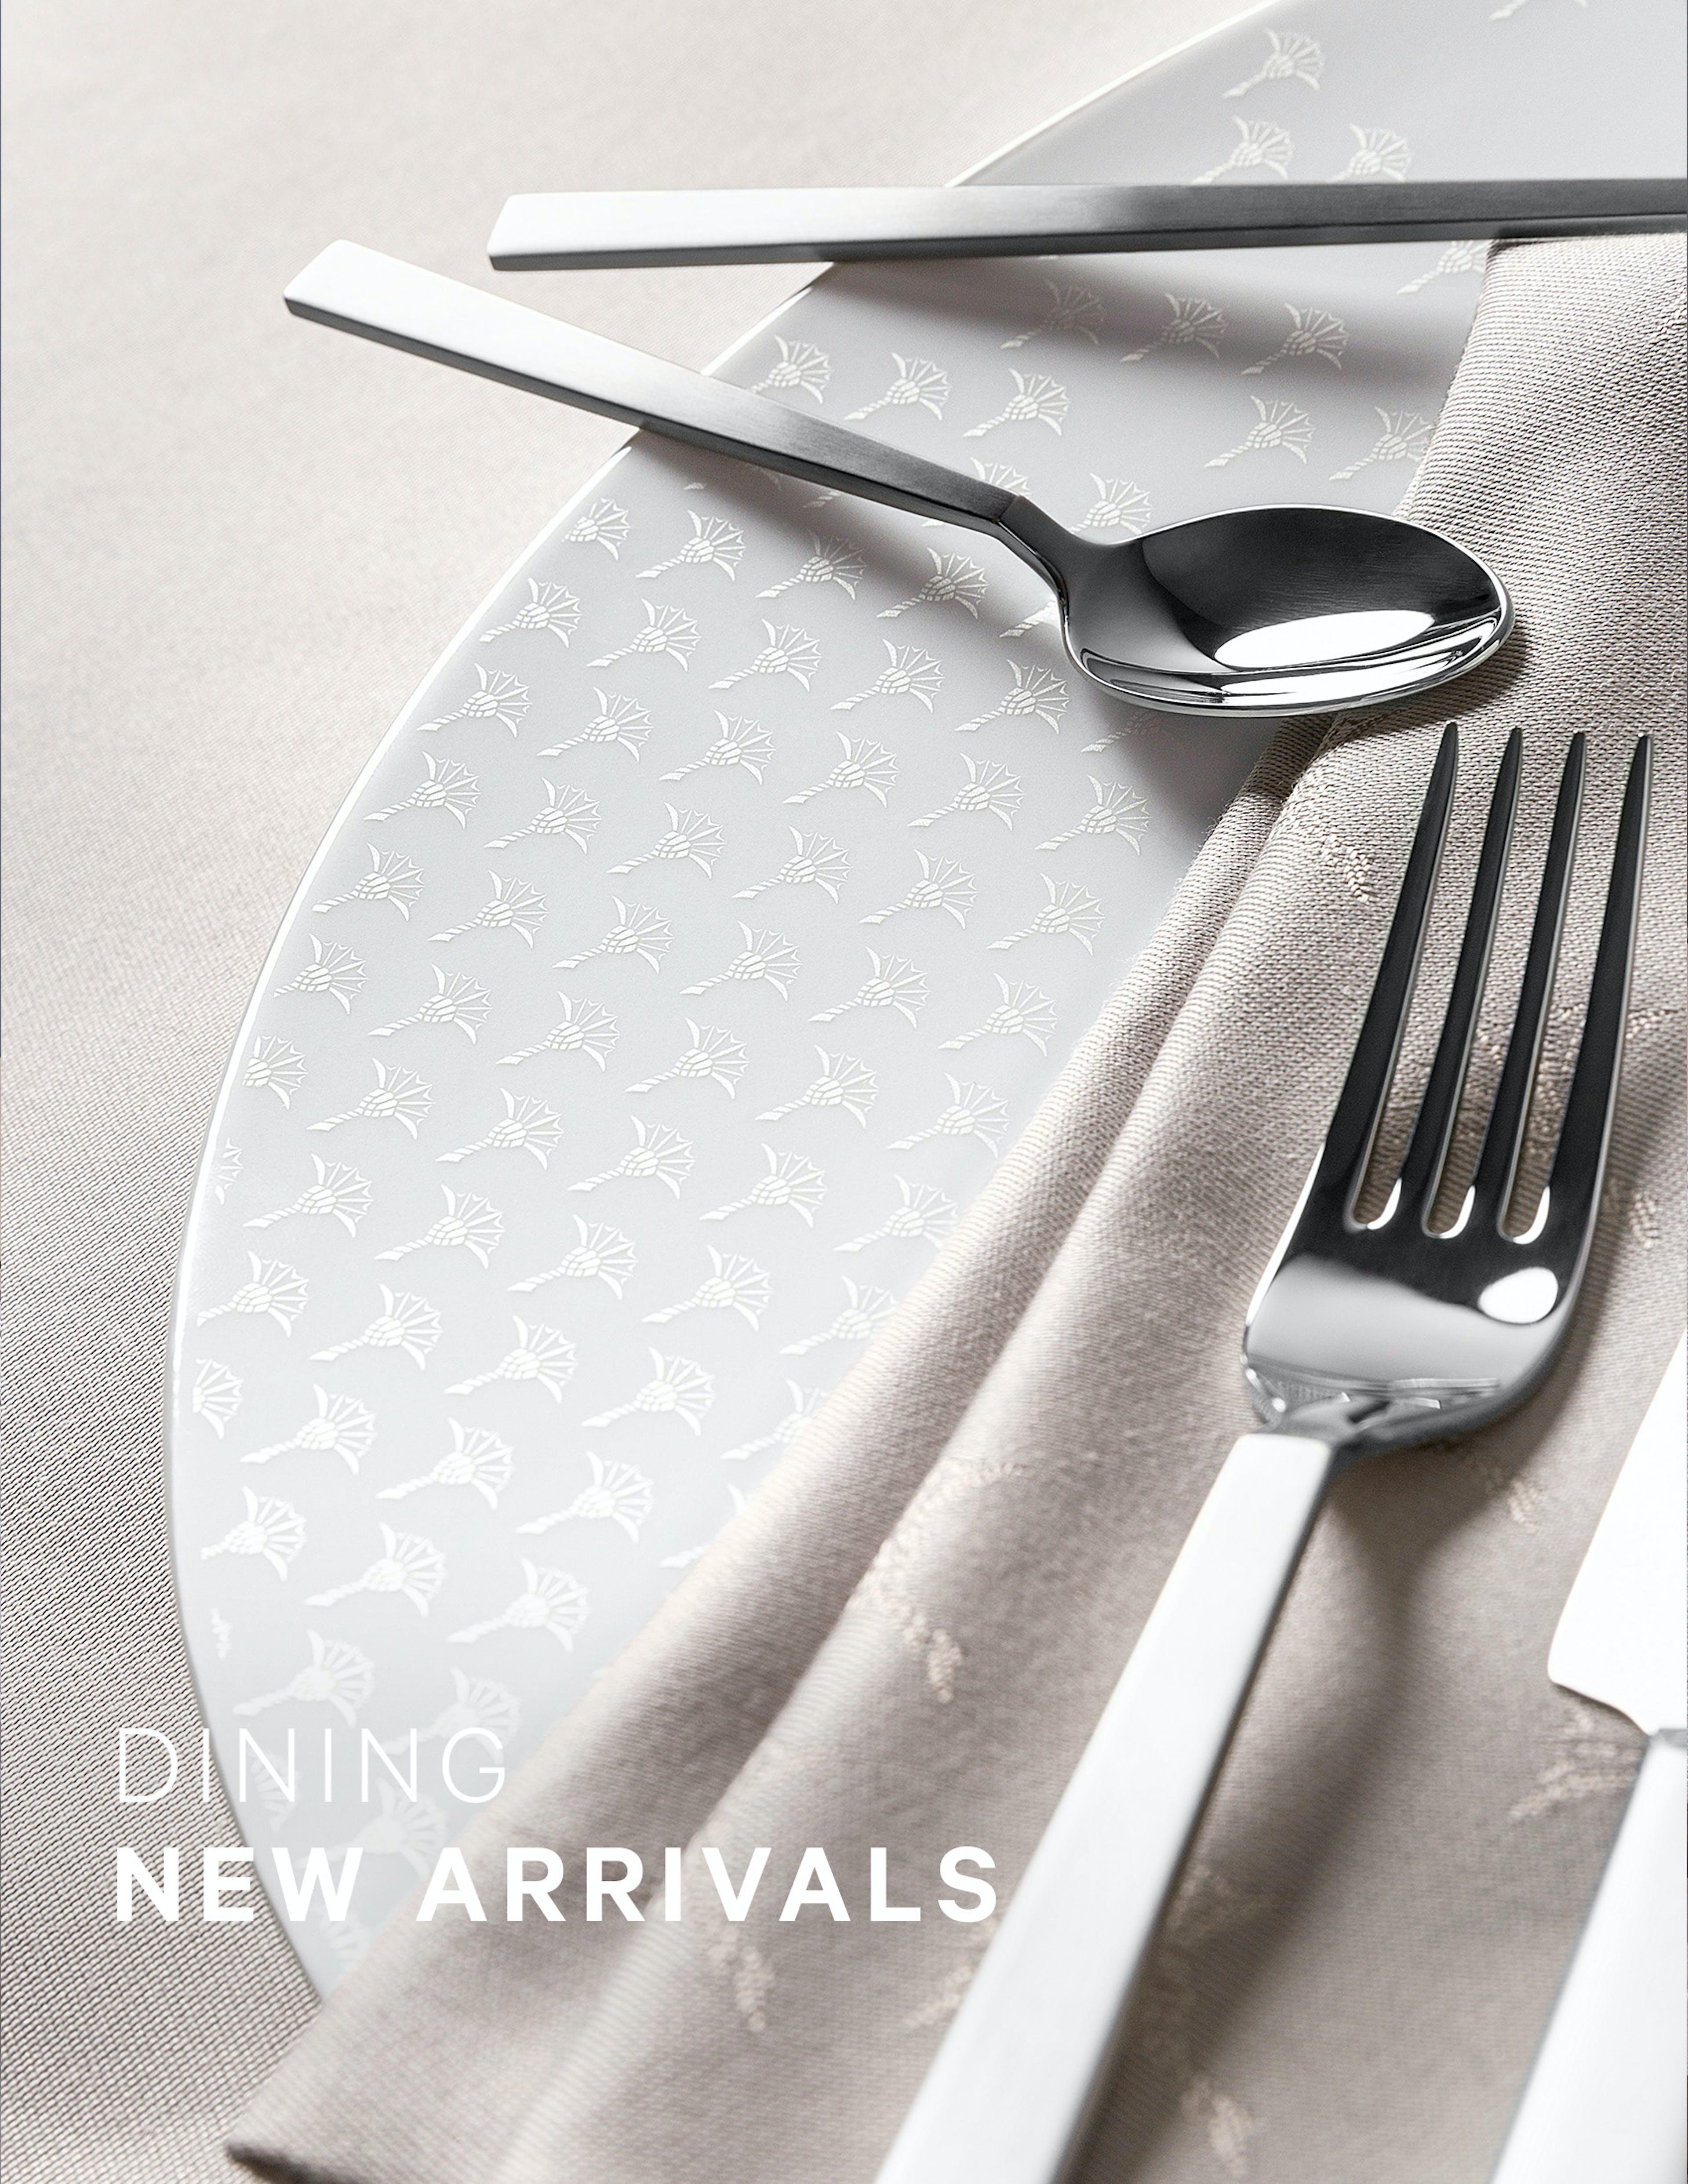 New Arrivals aus der Dining Kollektion von JOOP!